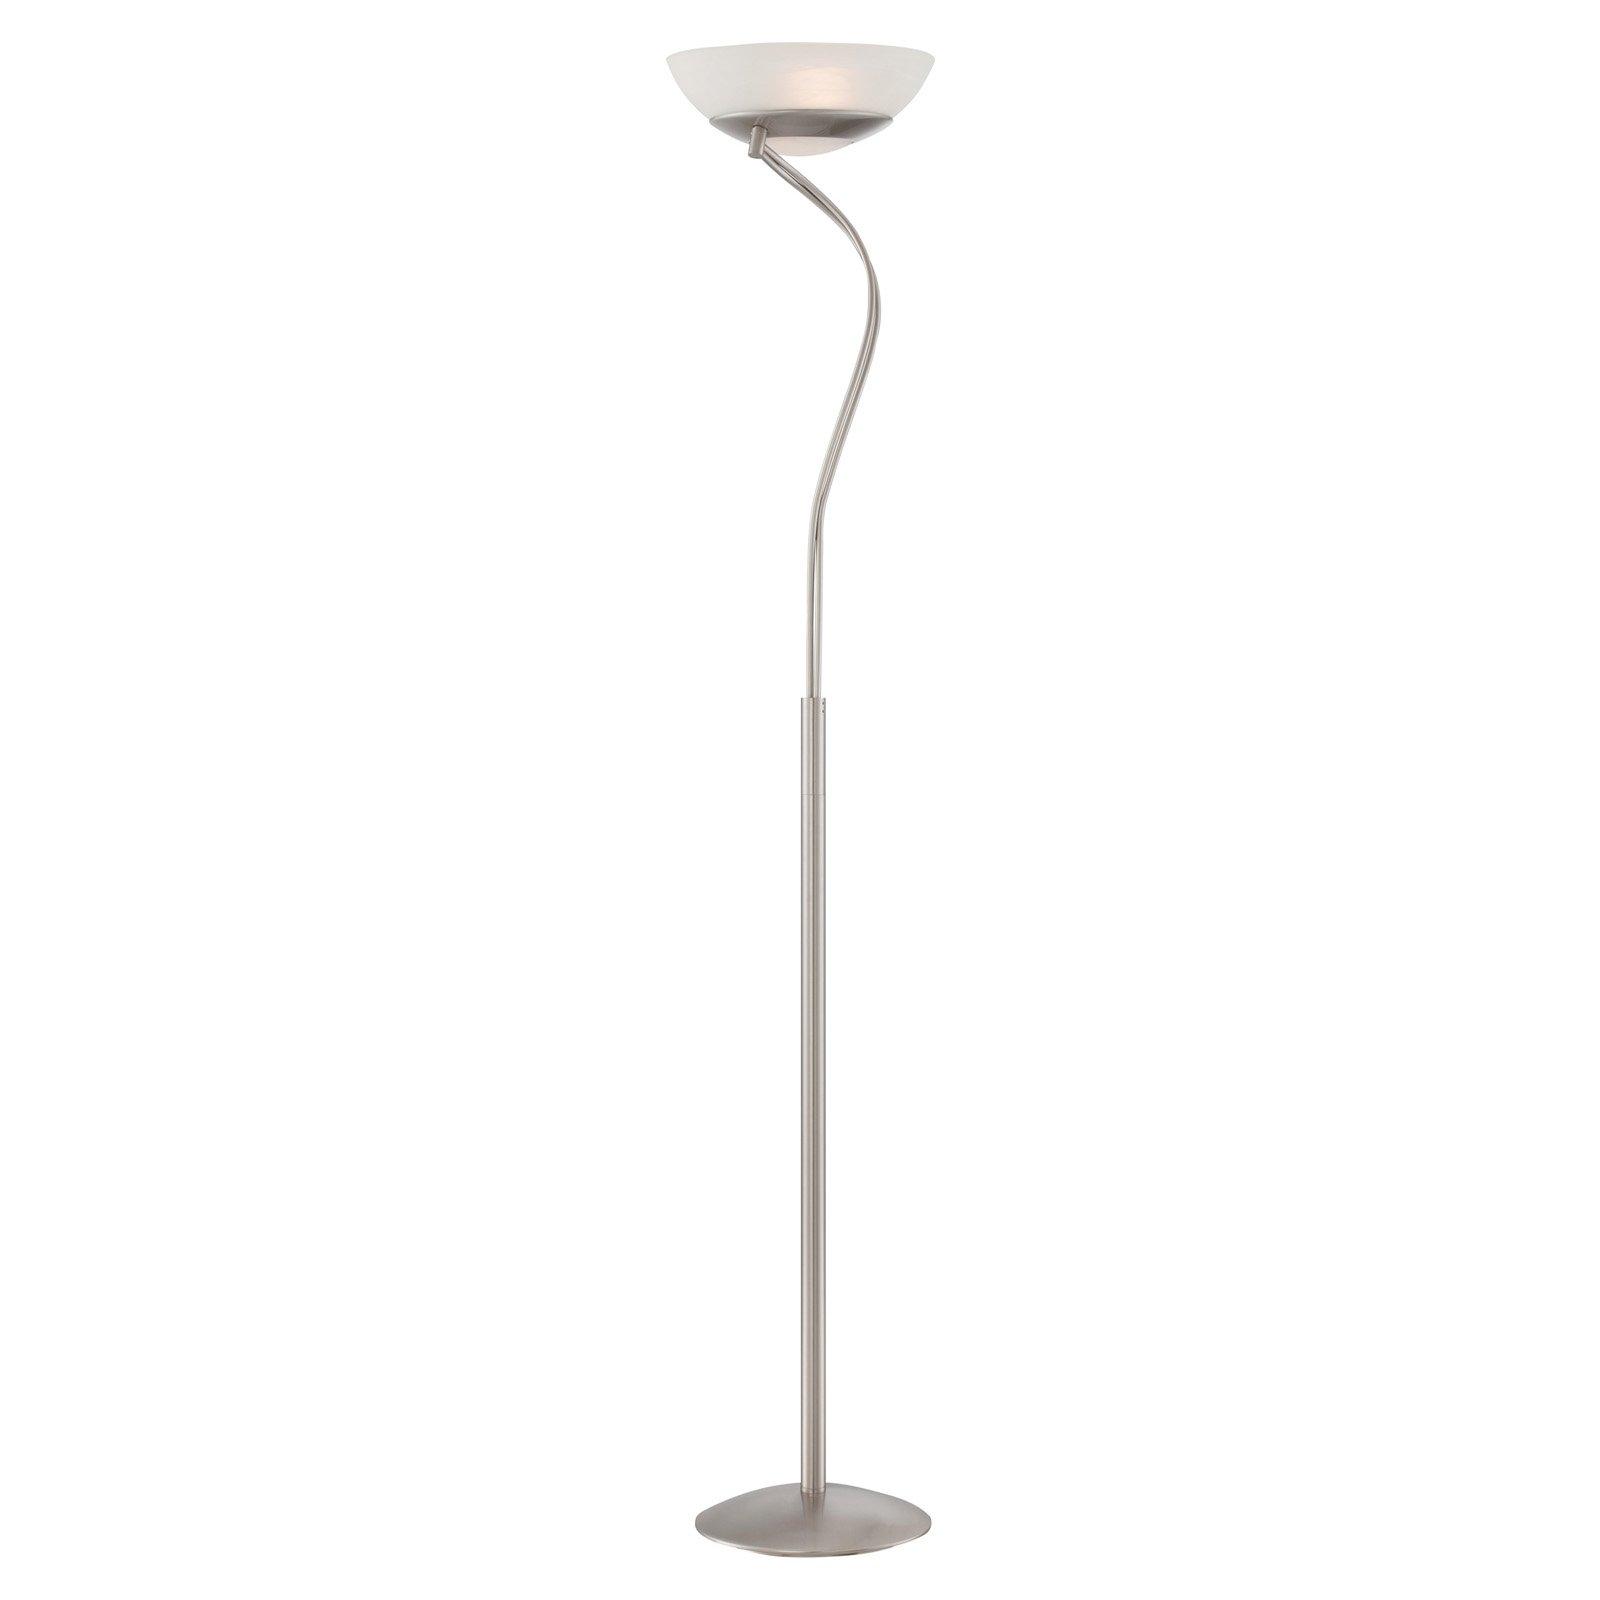 Lite Source Lorraine LS - 82732 Floor Lamp